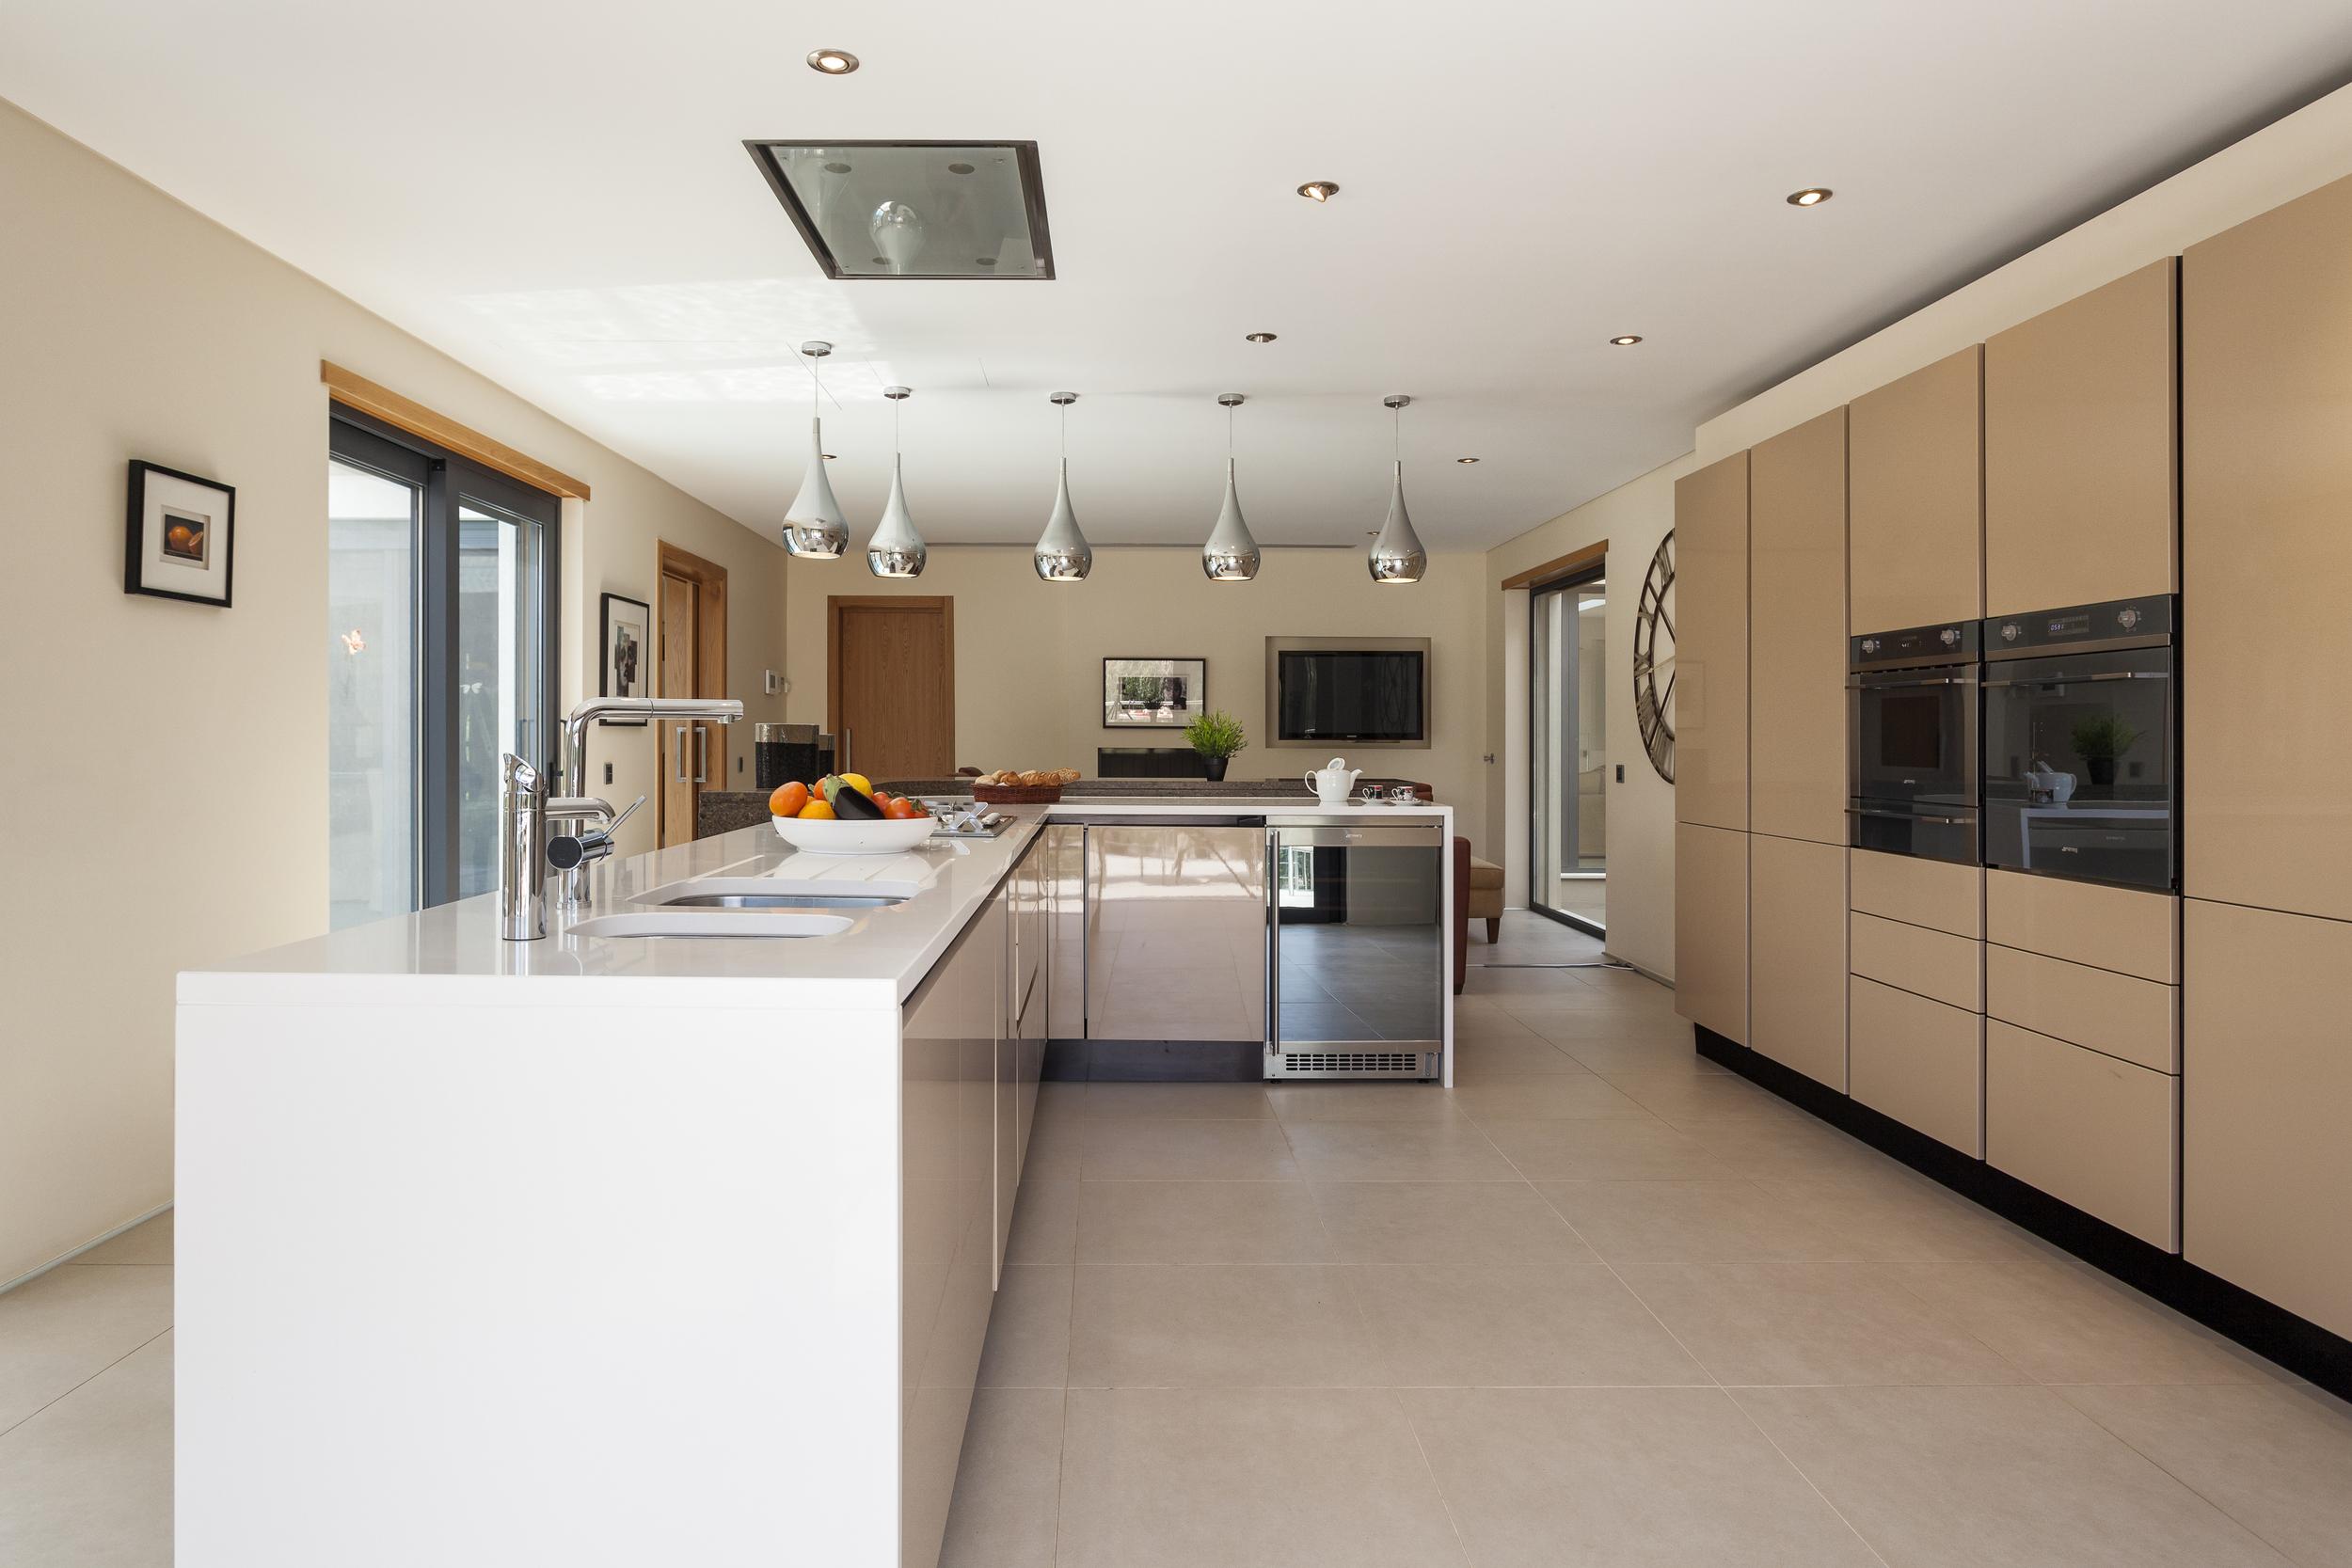 4 bedroom villa to rent in Quinta do Lago, RLV, Villa Serpentine,34.jpg